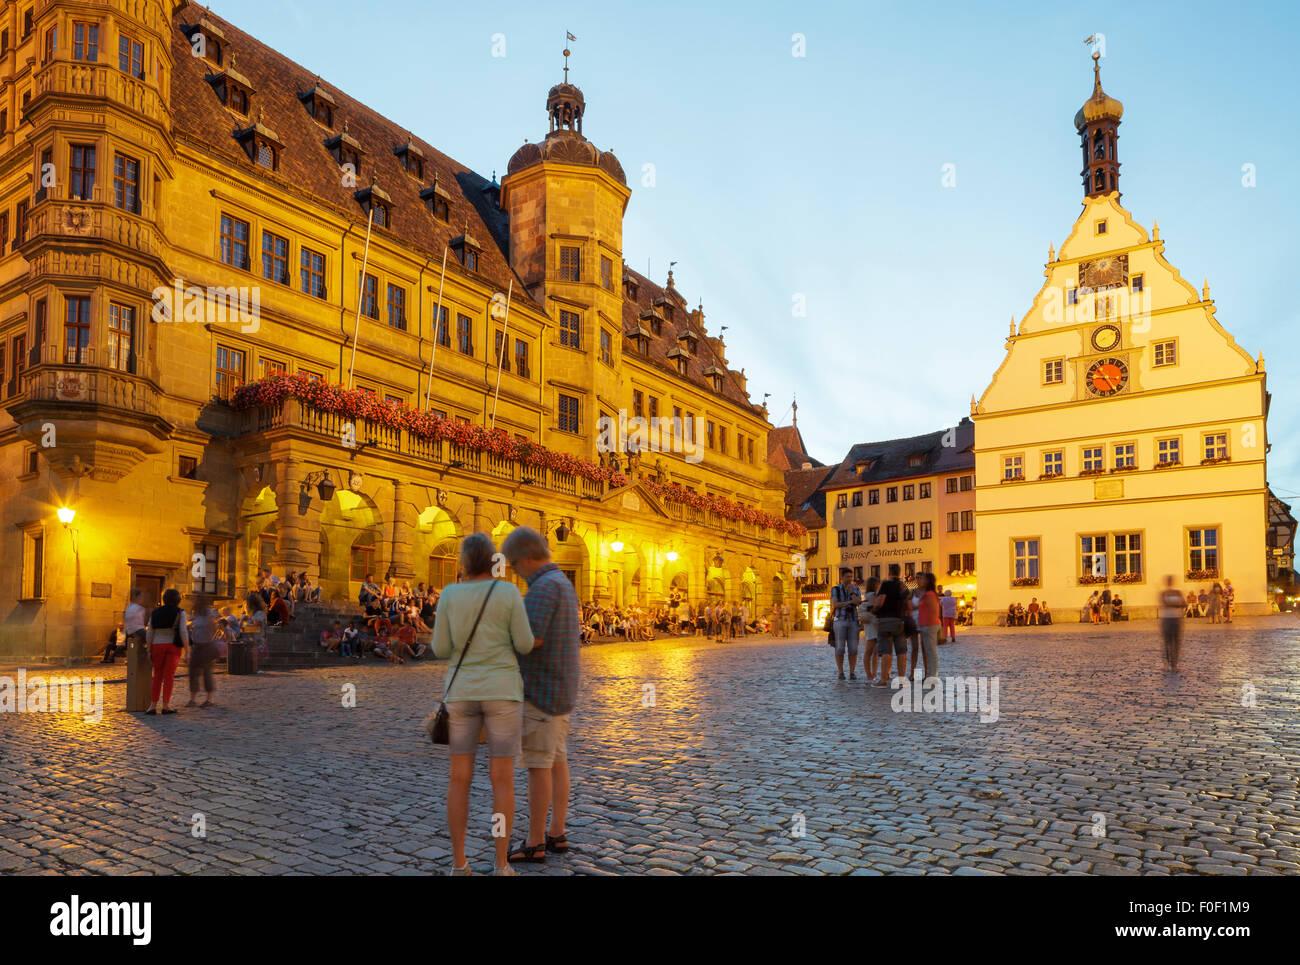 Marktplatz Marktplatz, Rothenburg Ob der Tauber, Franken, Bayern, Deutschland Stockbild